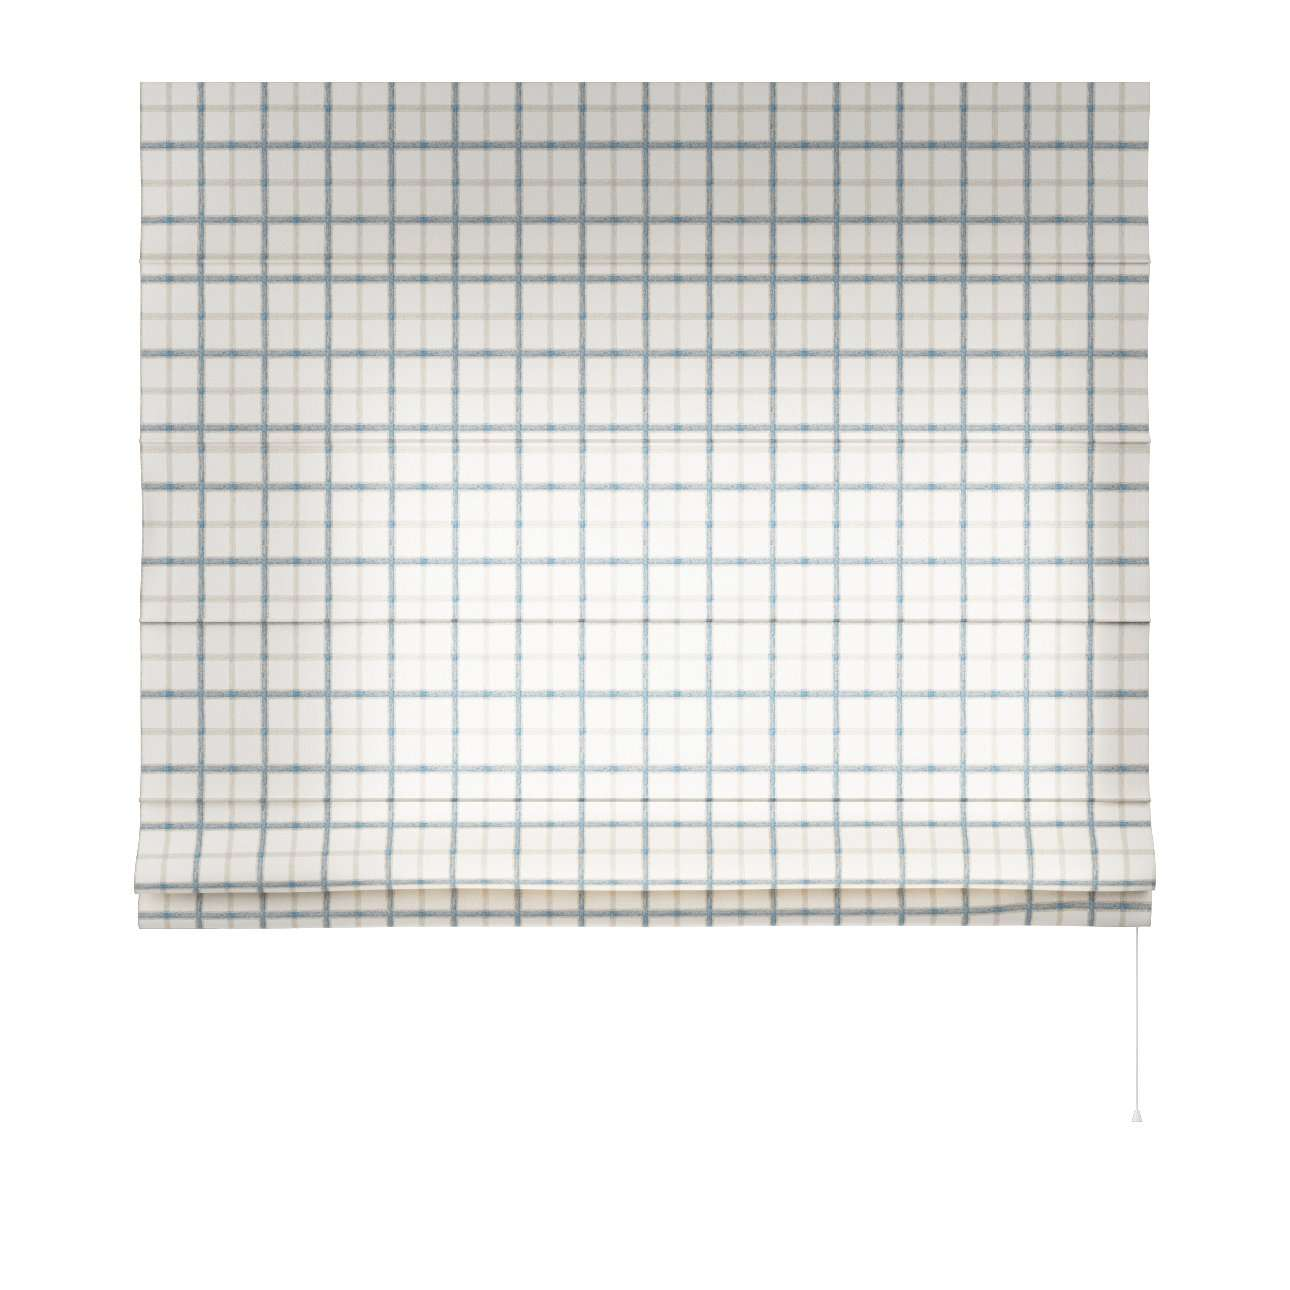 Foldegardin Capri<br/>Uden flæsekant 80 x 170 cm fra kollektionen Avinon, Stof: 131-66